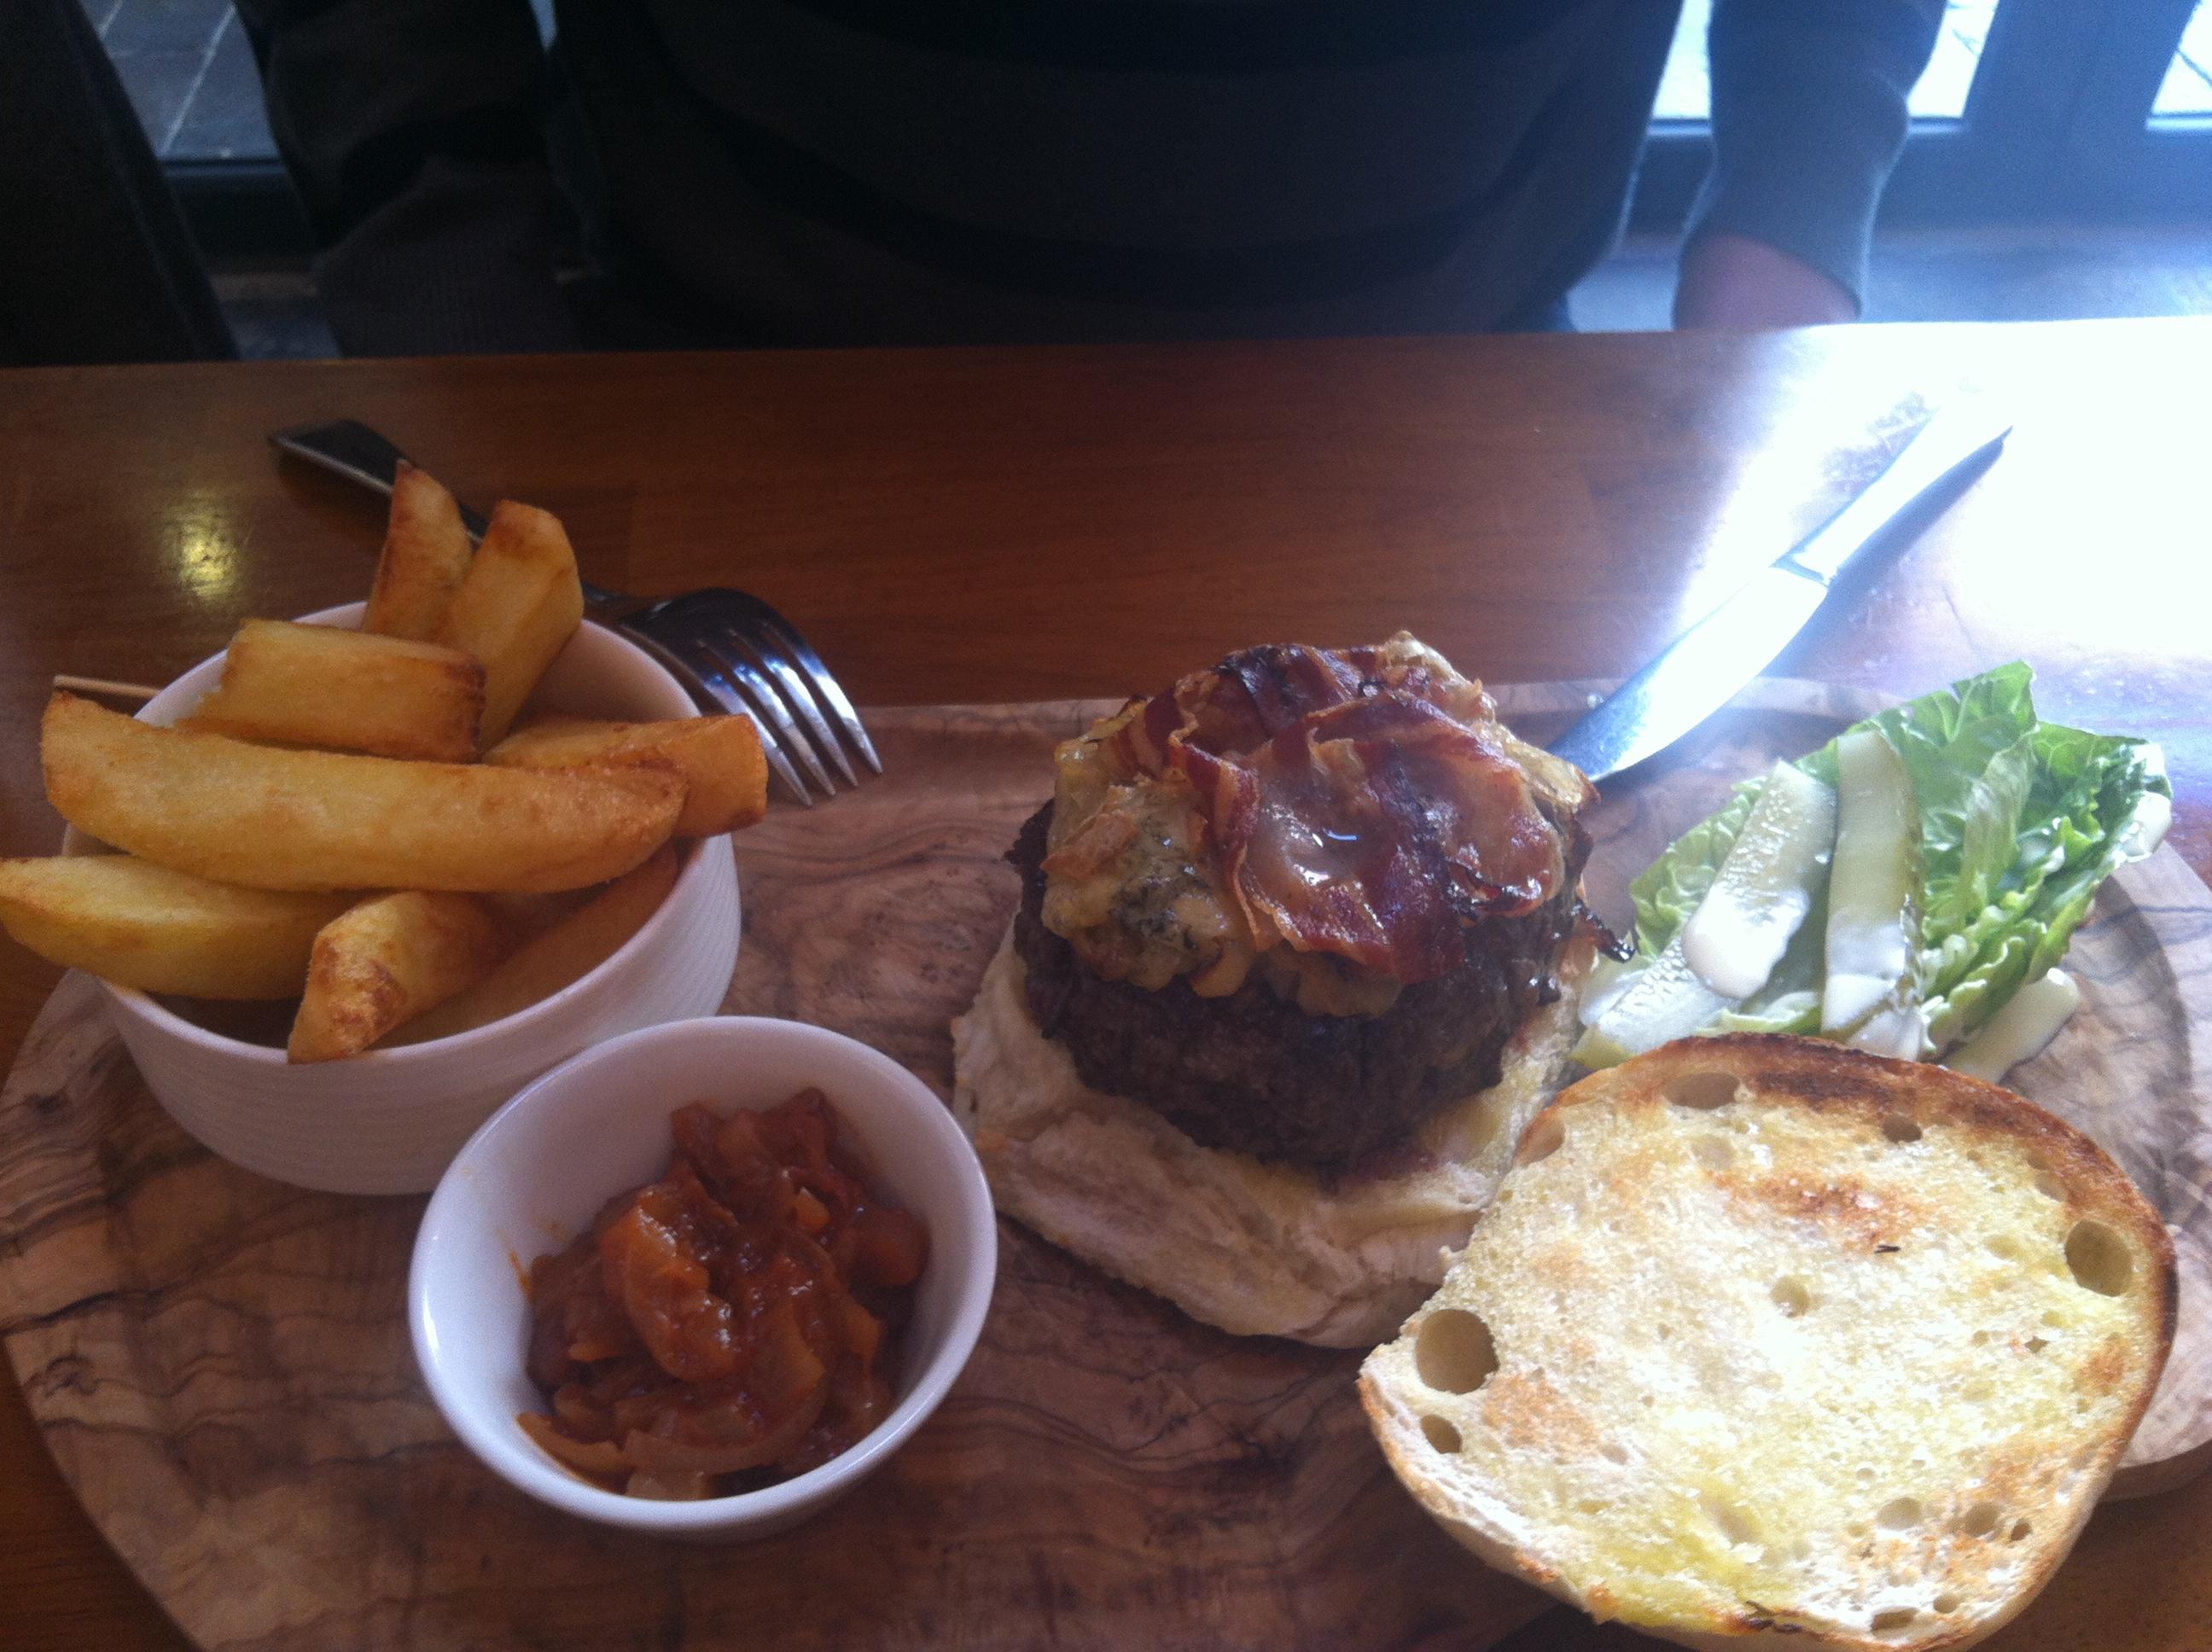 Loxley's Gourmet Burger